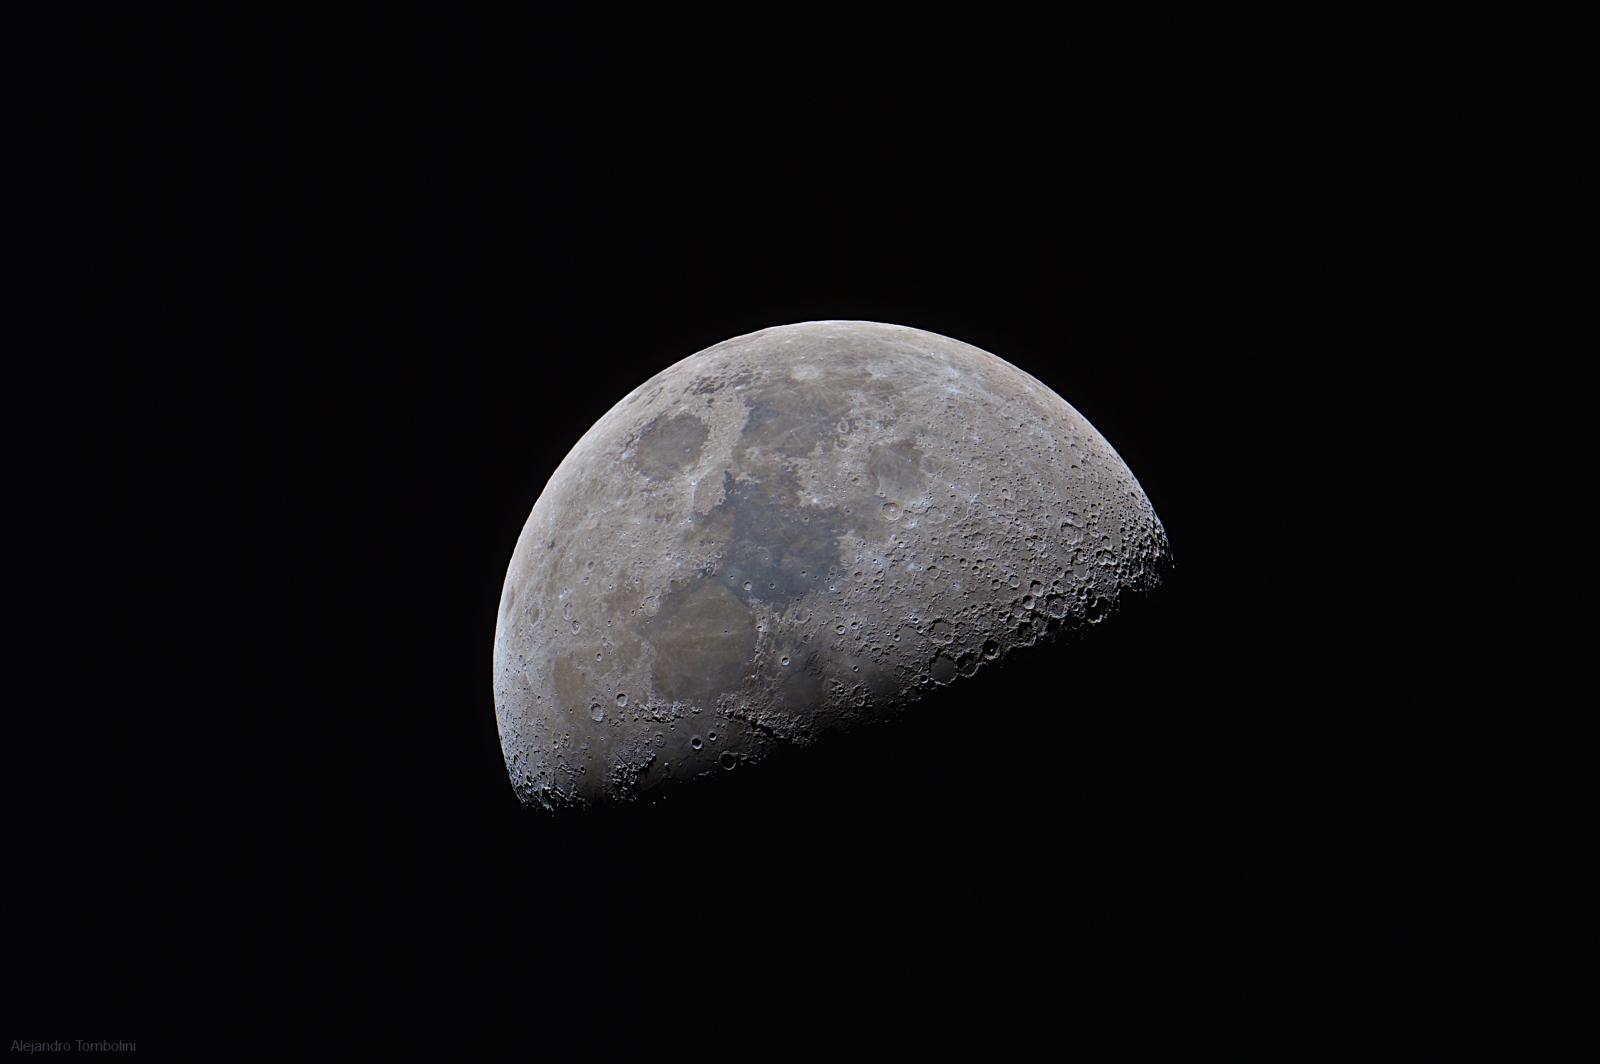 pr xima sur luna cuarto creciente